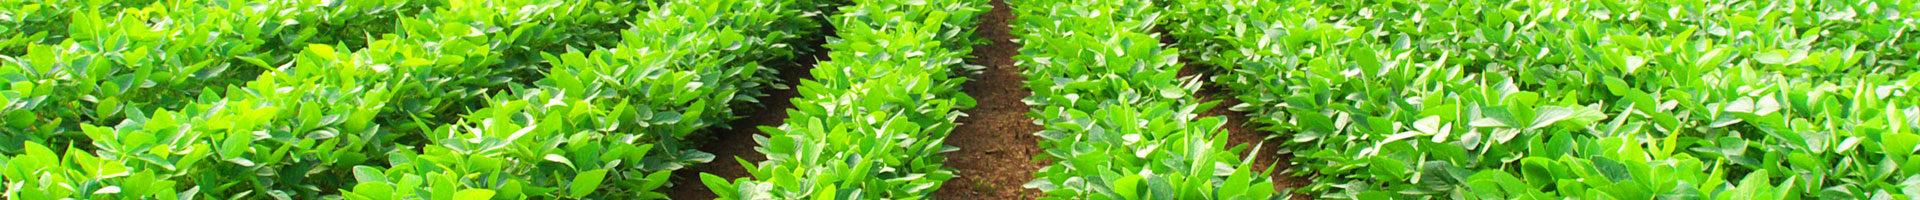 https://biogasanlagen-info.de/wp-content/uploads/2015/03/biogasanlagen-blog-1920x200.jpg